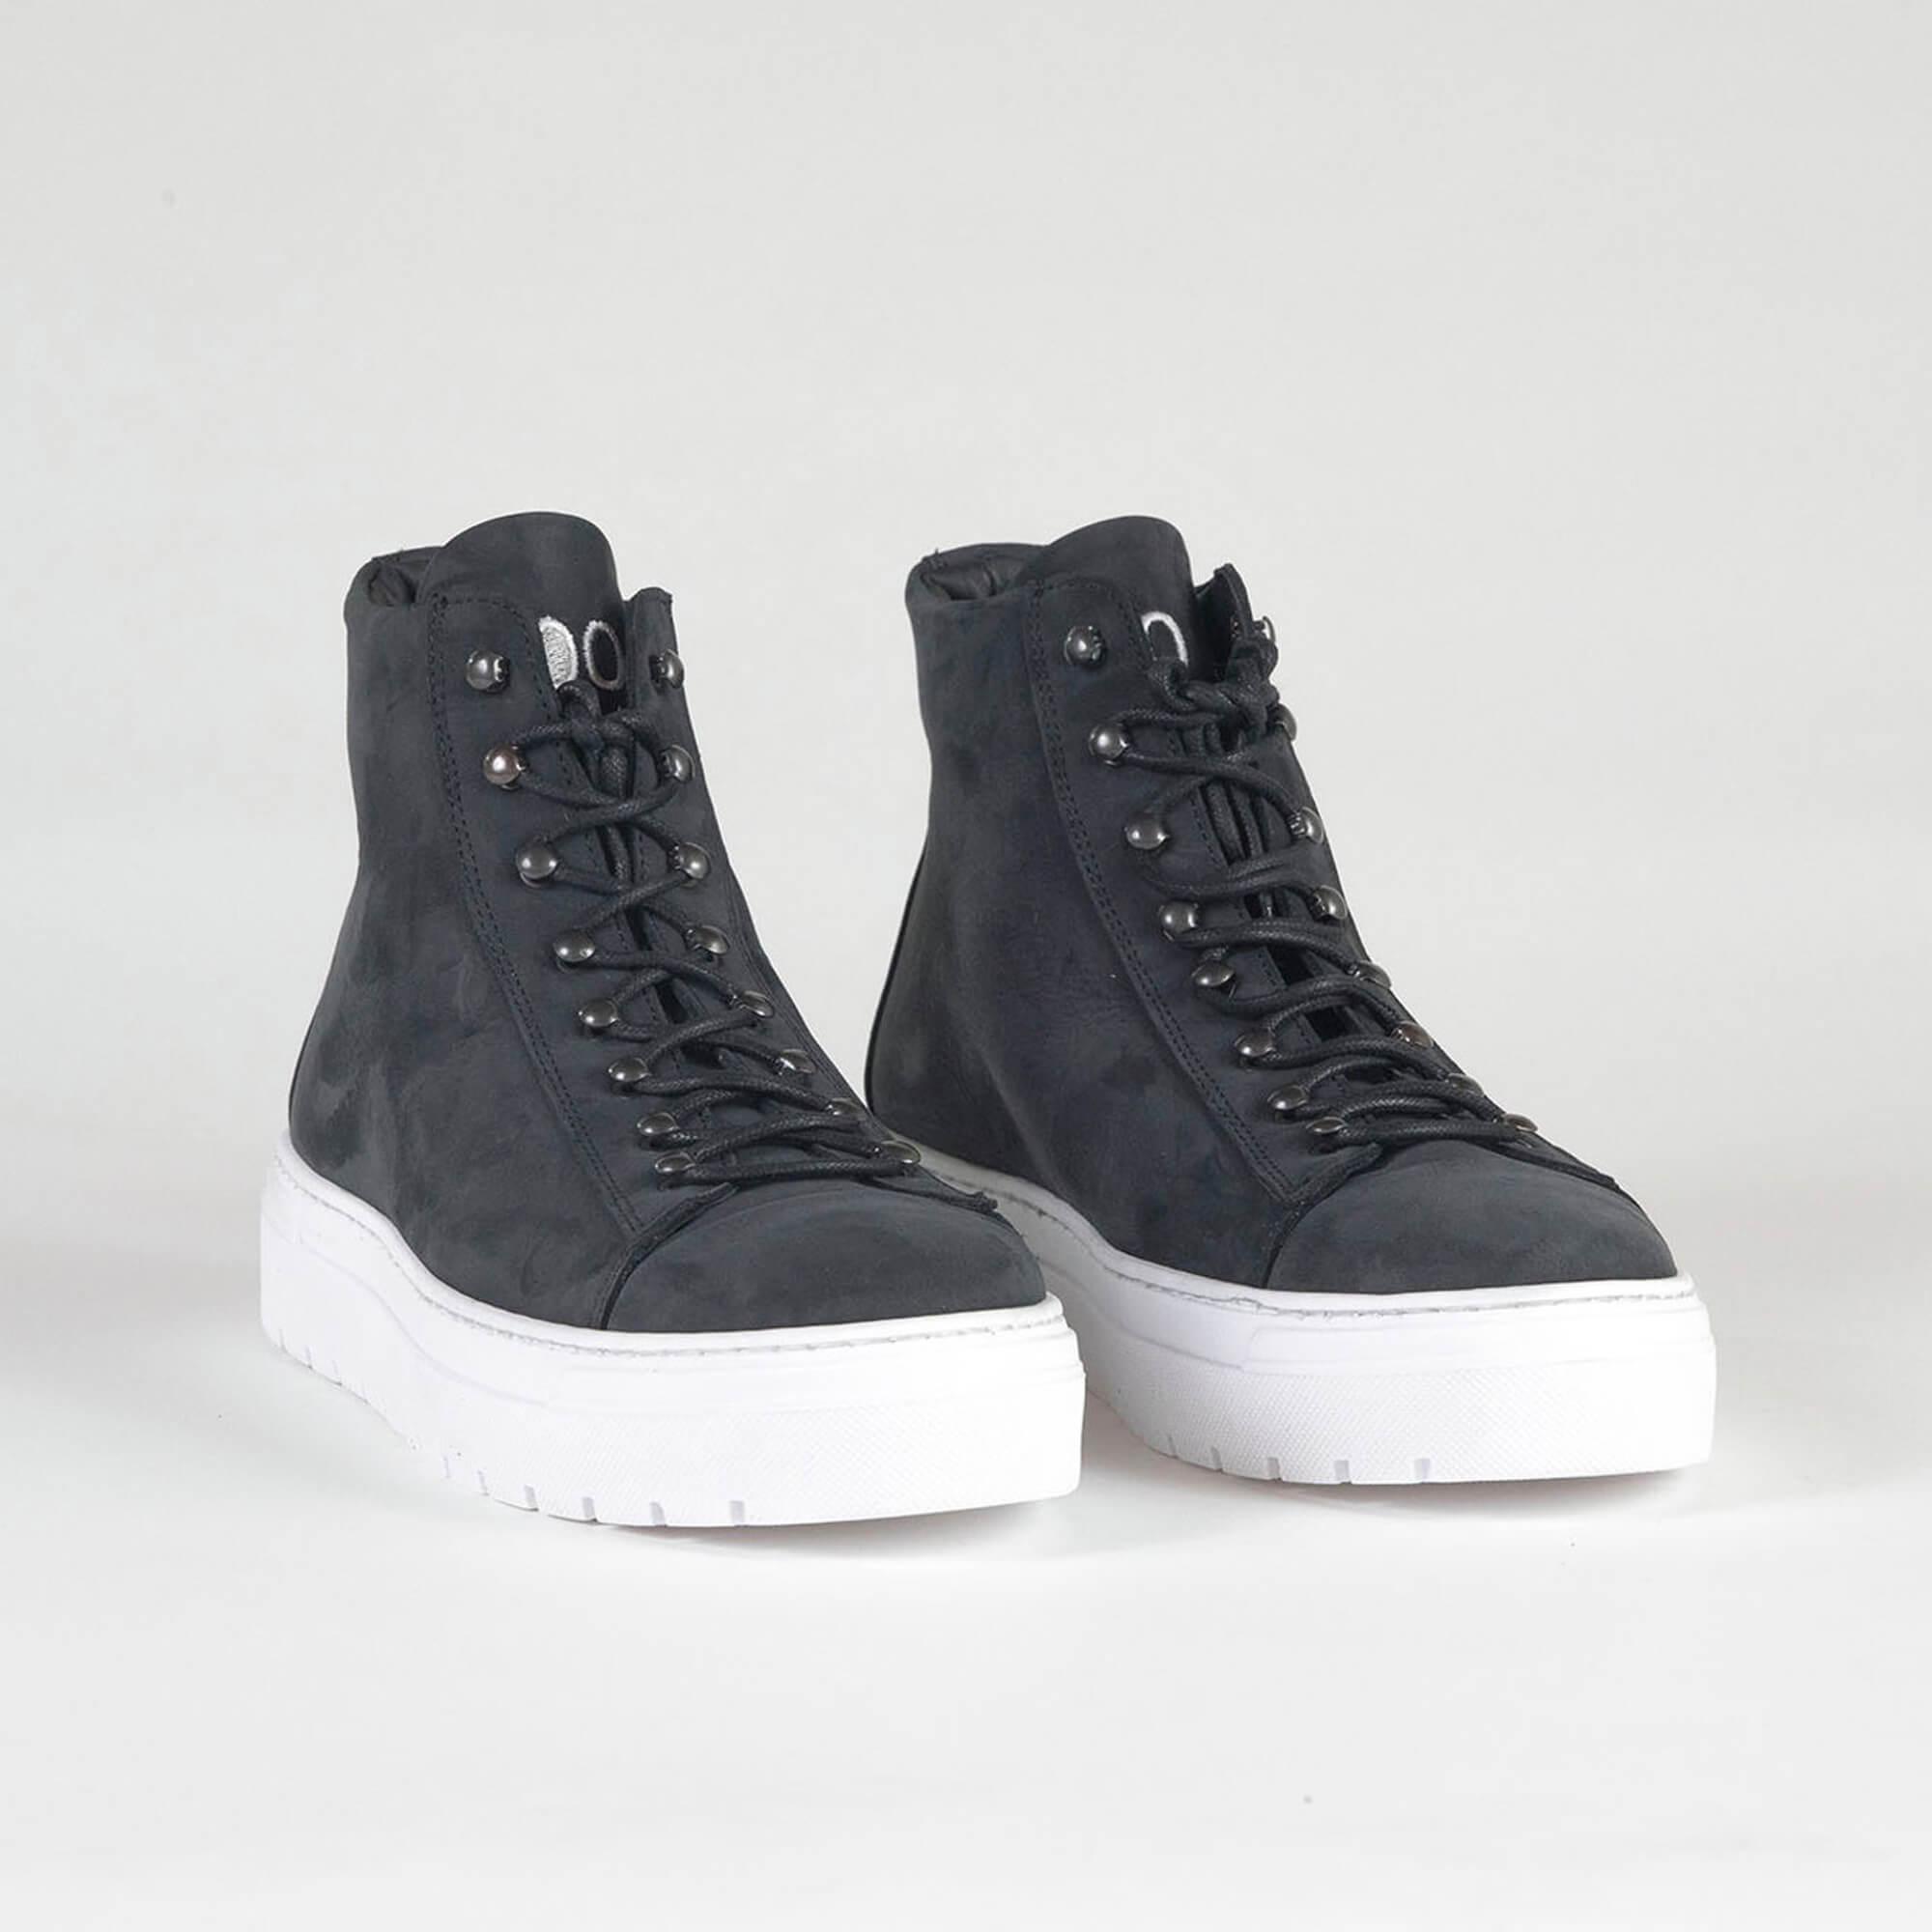 sneakers high black